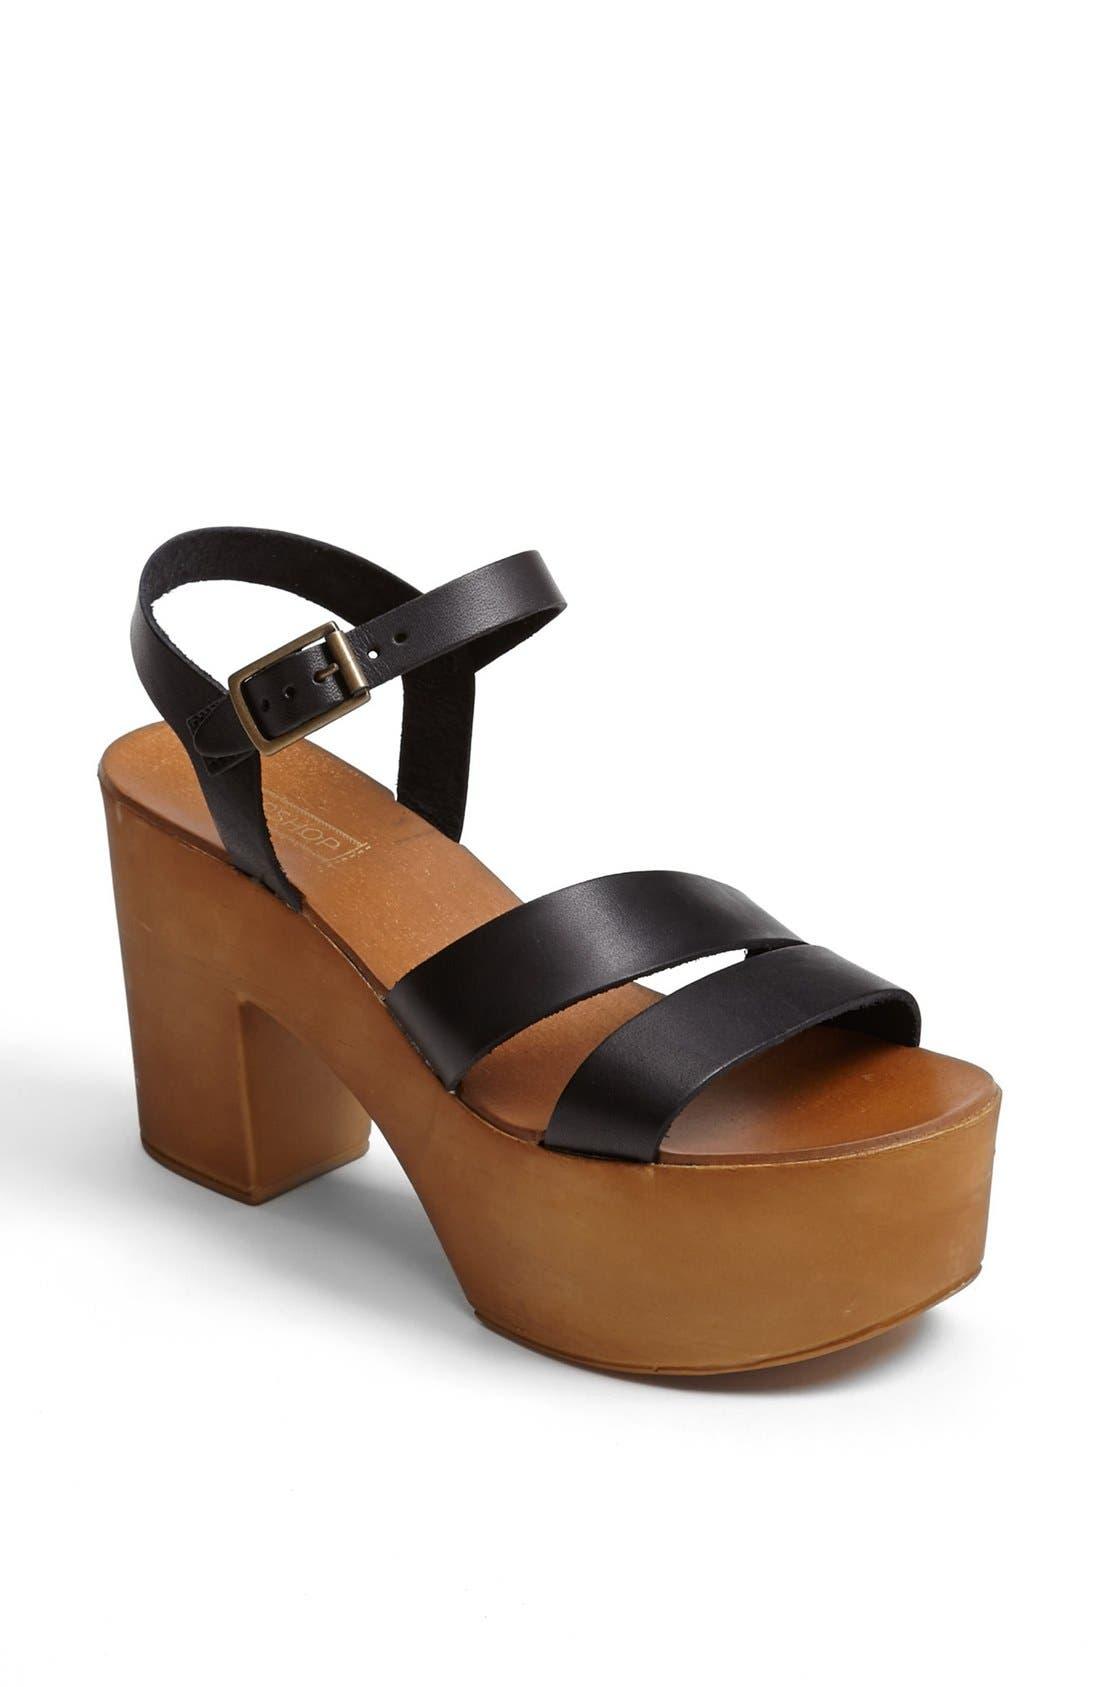 Alternate Image 1 Selected - Topshop 'Nelson' Platform Sandal